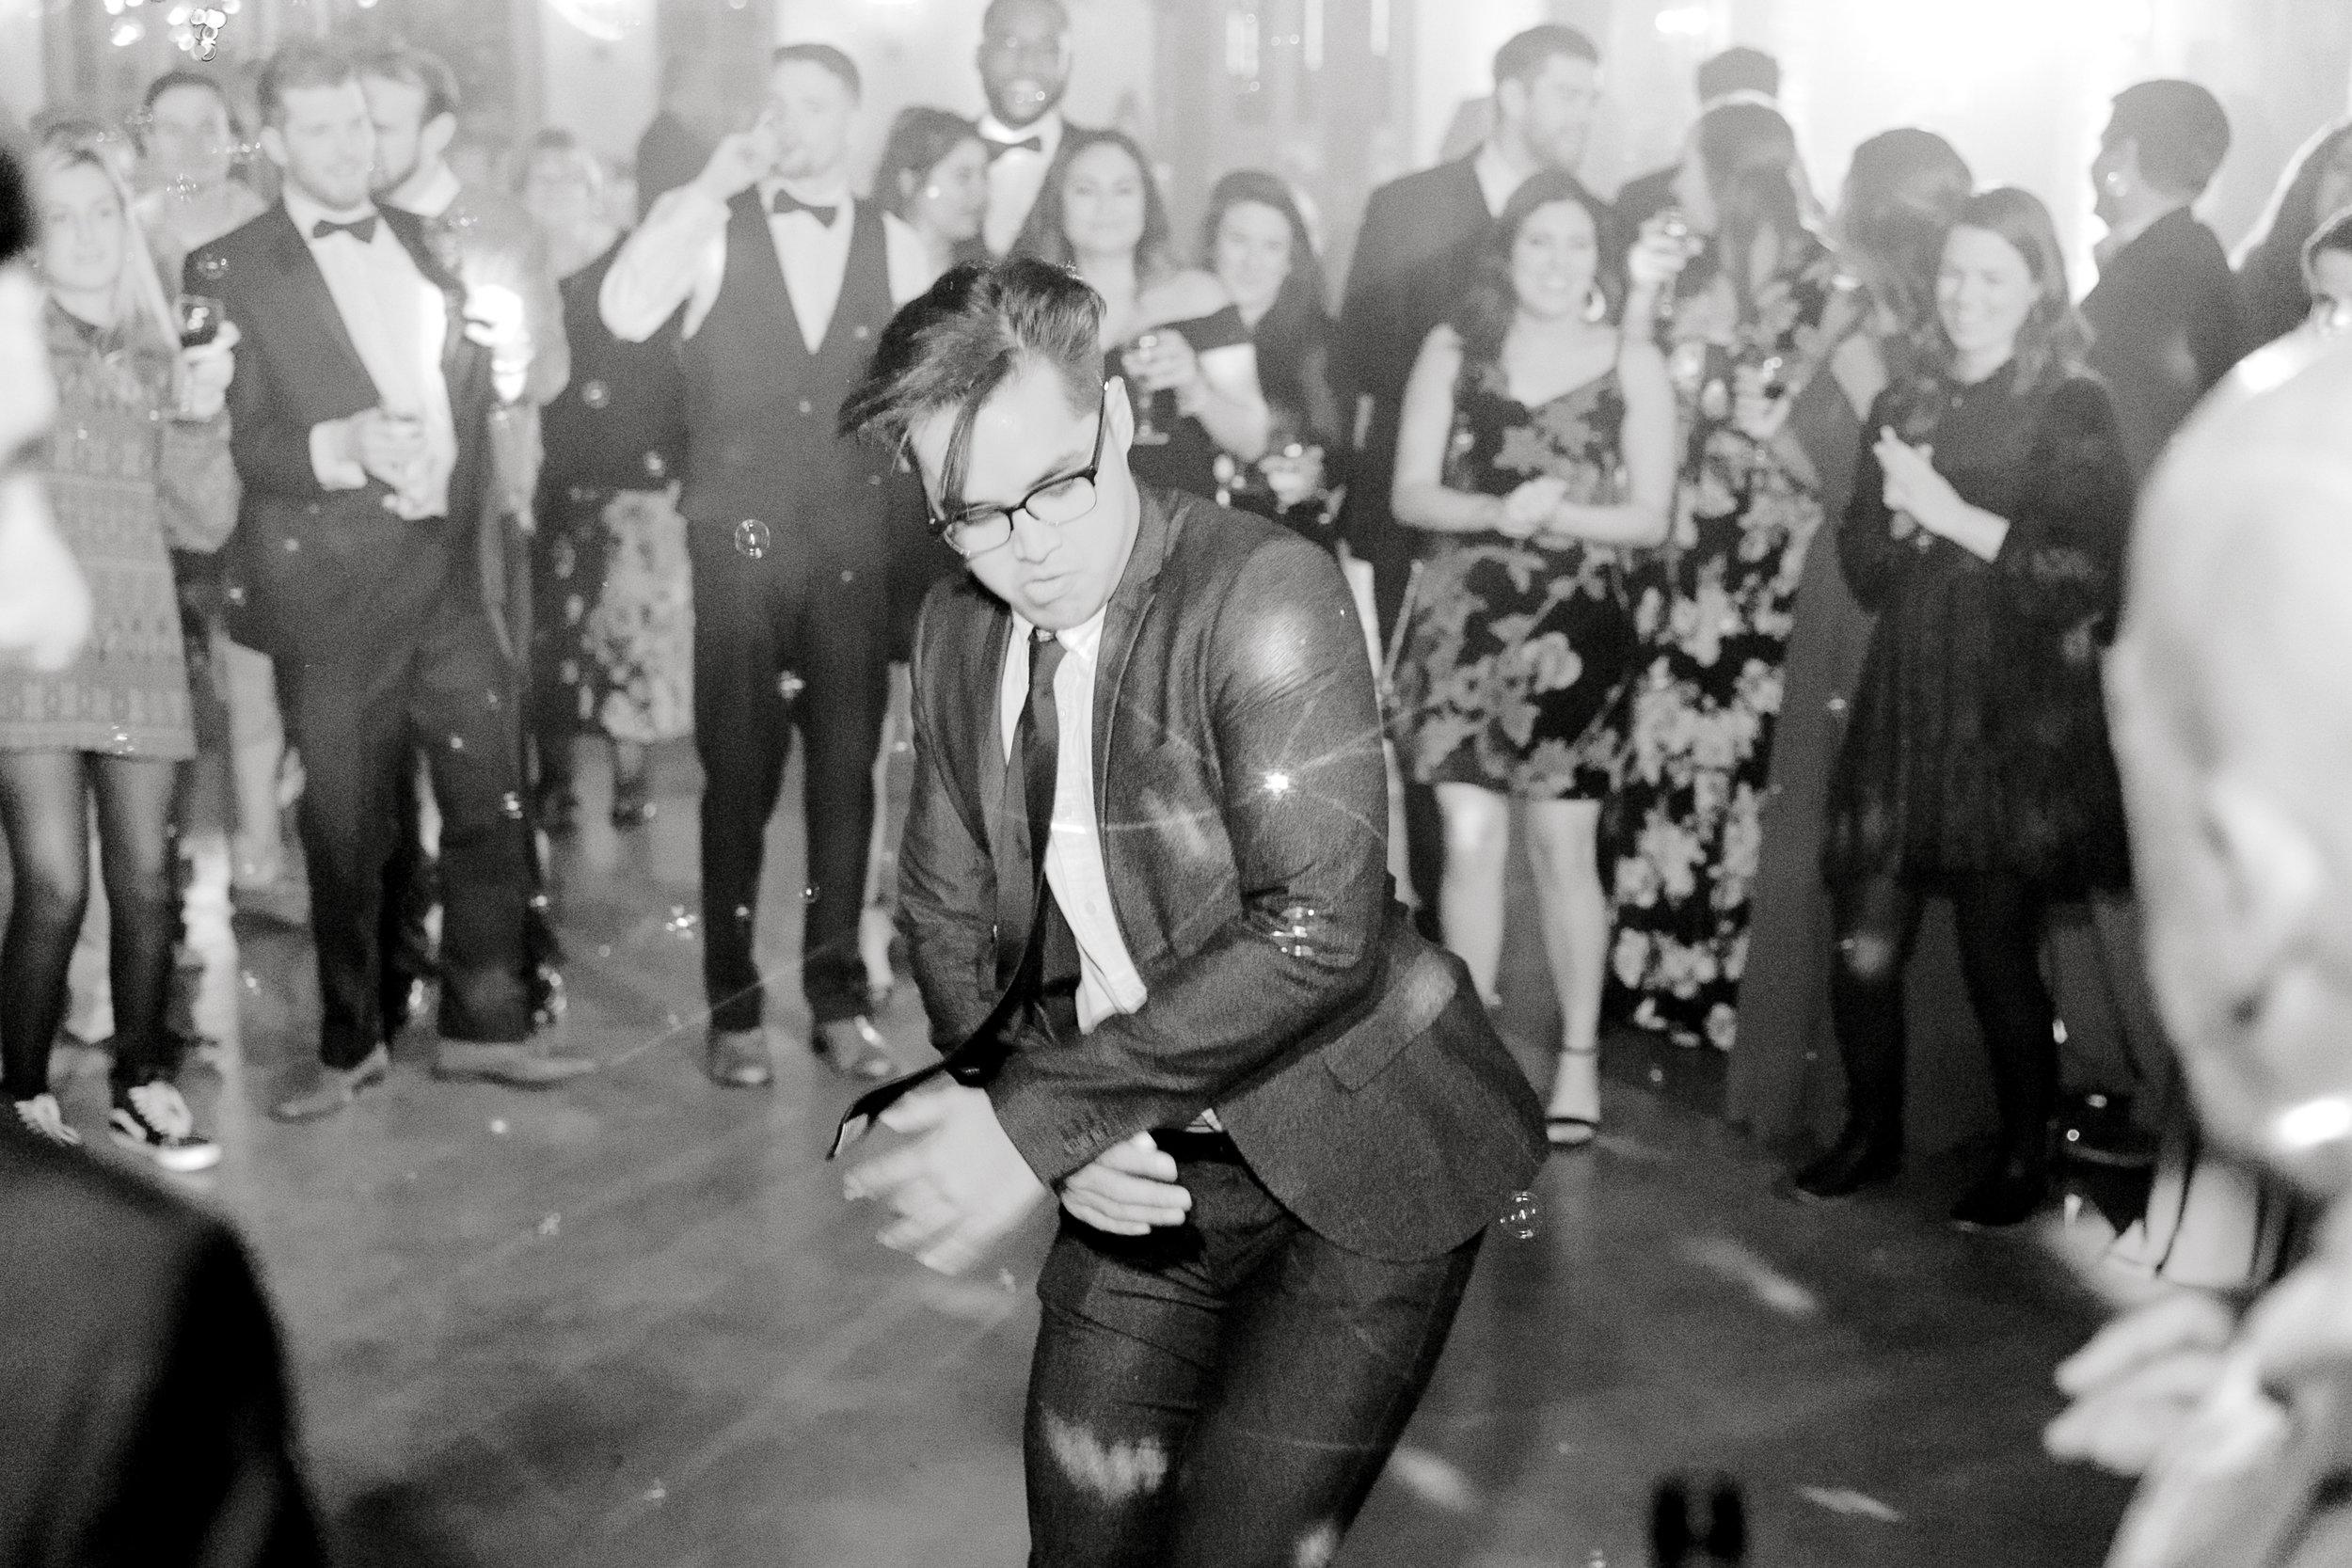 720_Rachel & Drew Wedding__Recptn_Lindsay Ott Photog_2018.jpg